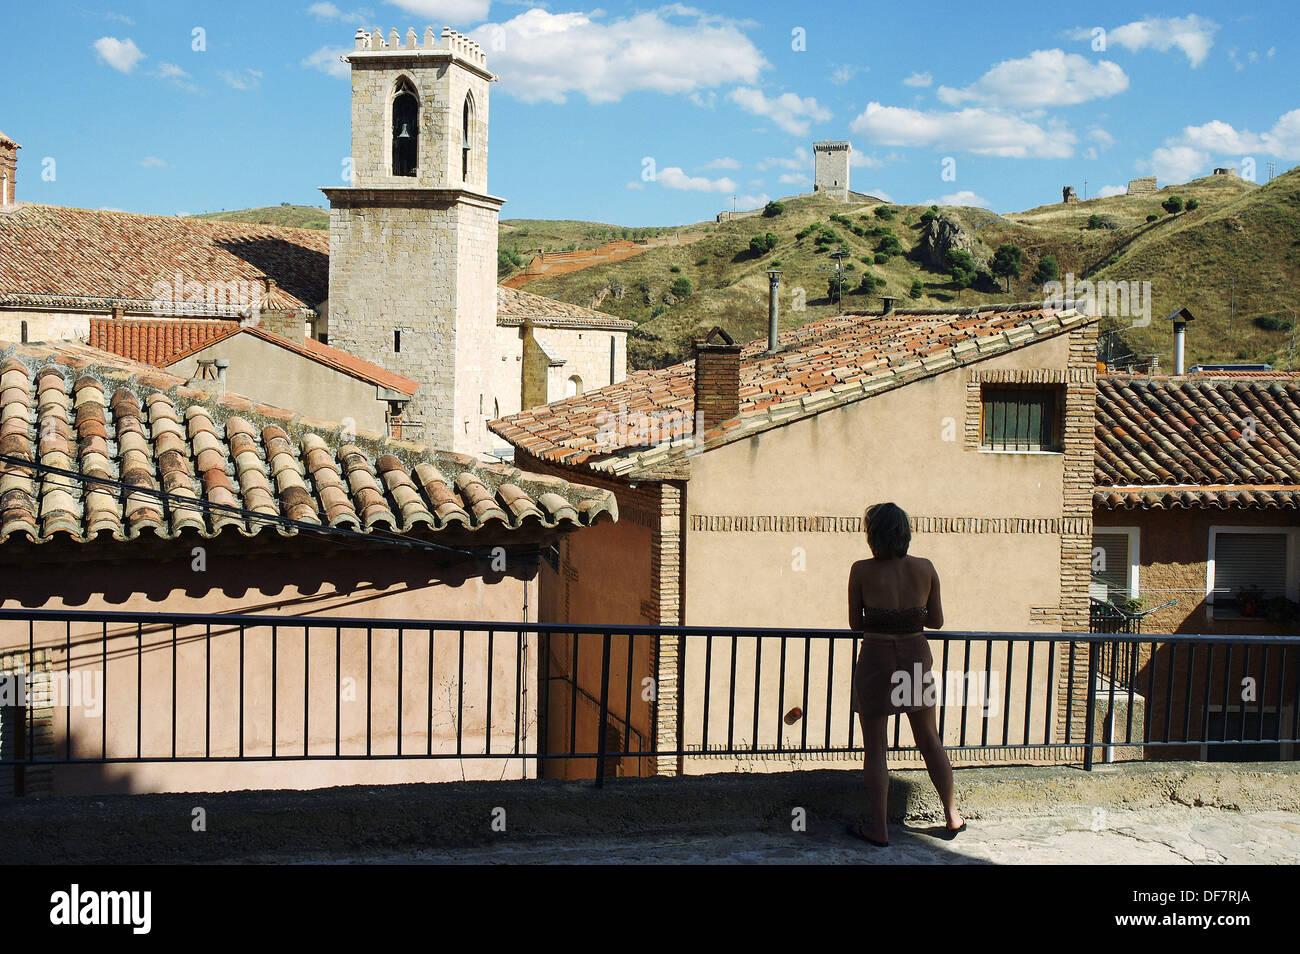 La Iglesia de la Colegial. Daroca. La provincia de Zaragoza, Aragón. España Imagen De Stock